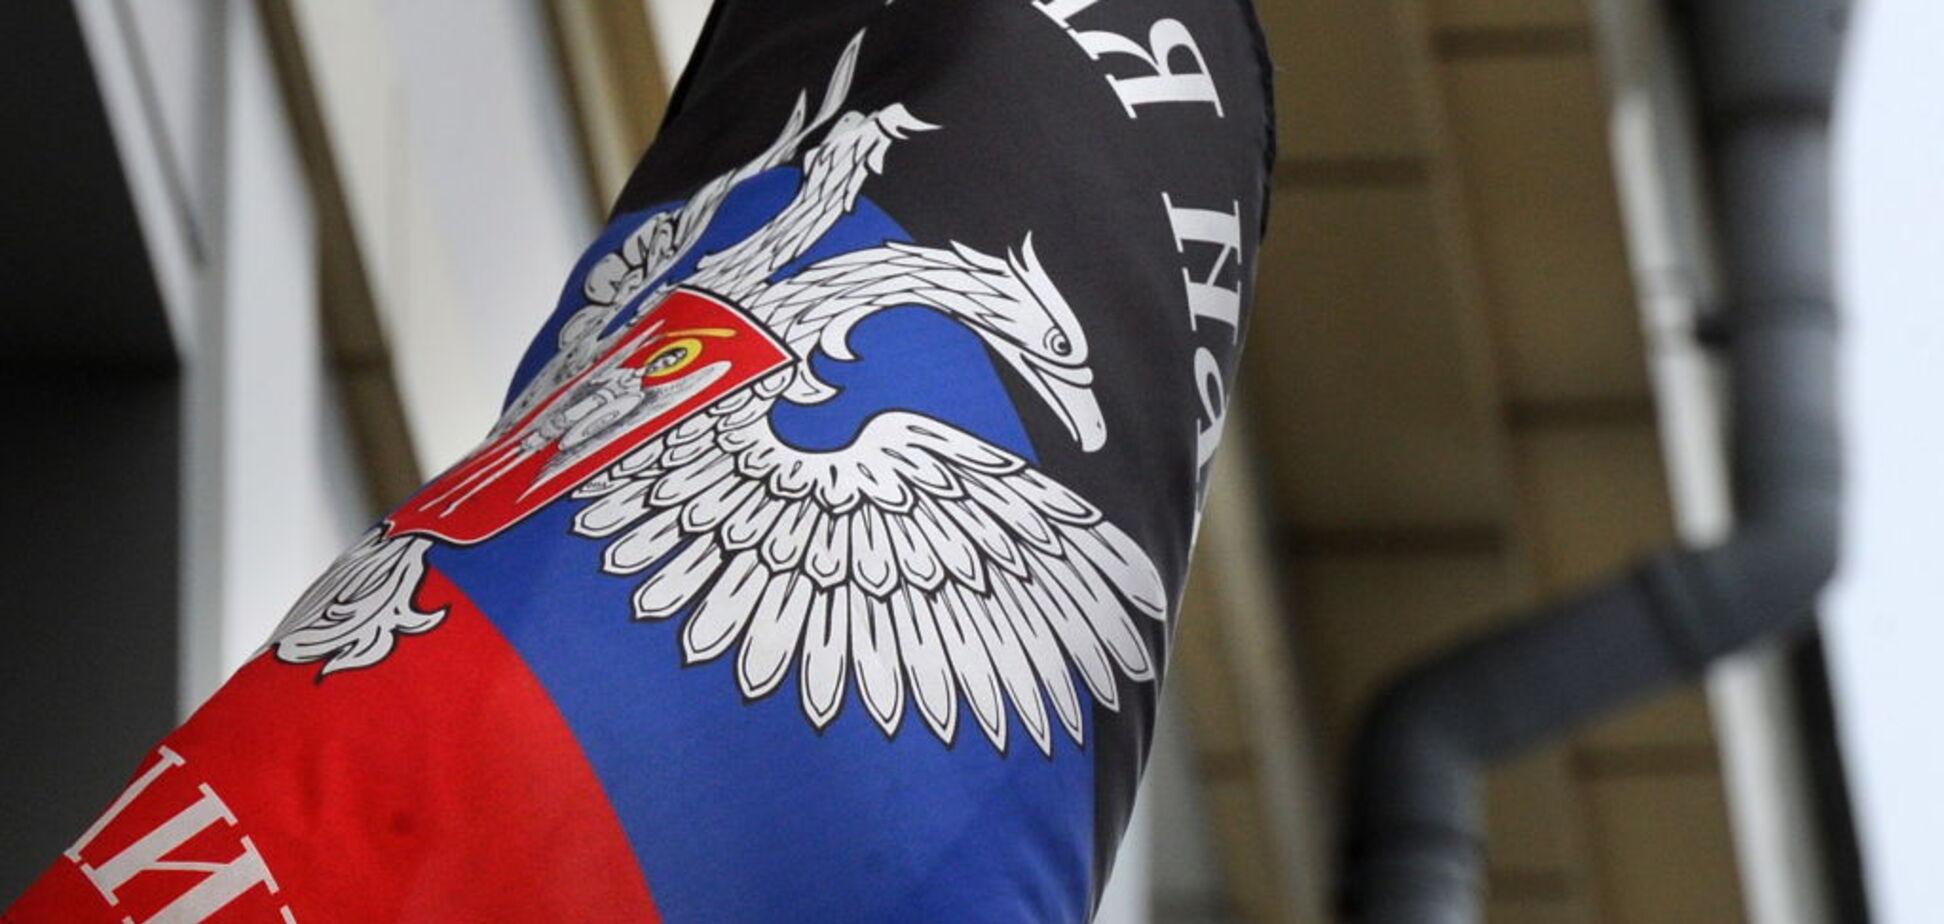 Во Франции готовятся принять делегацию 'ДНР' и открыть 'представительство': назревает скандал